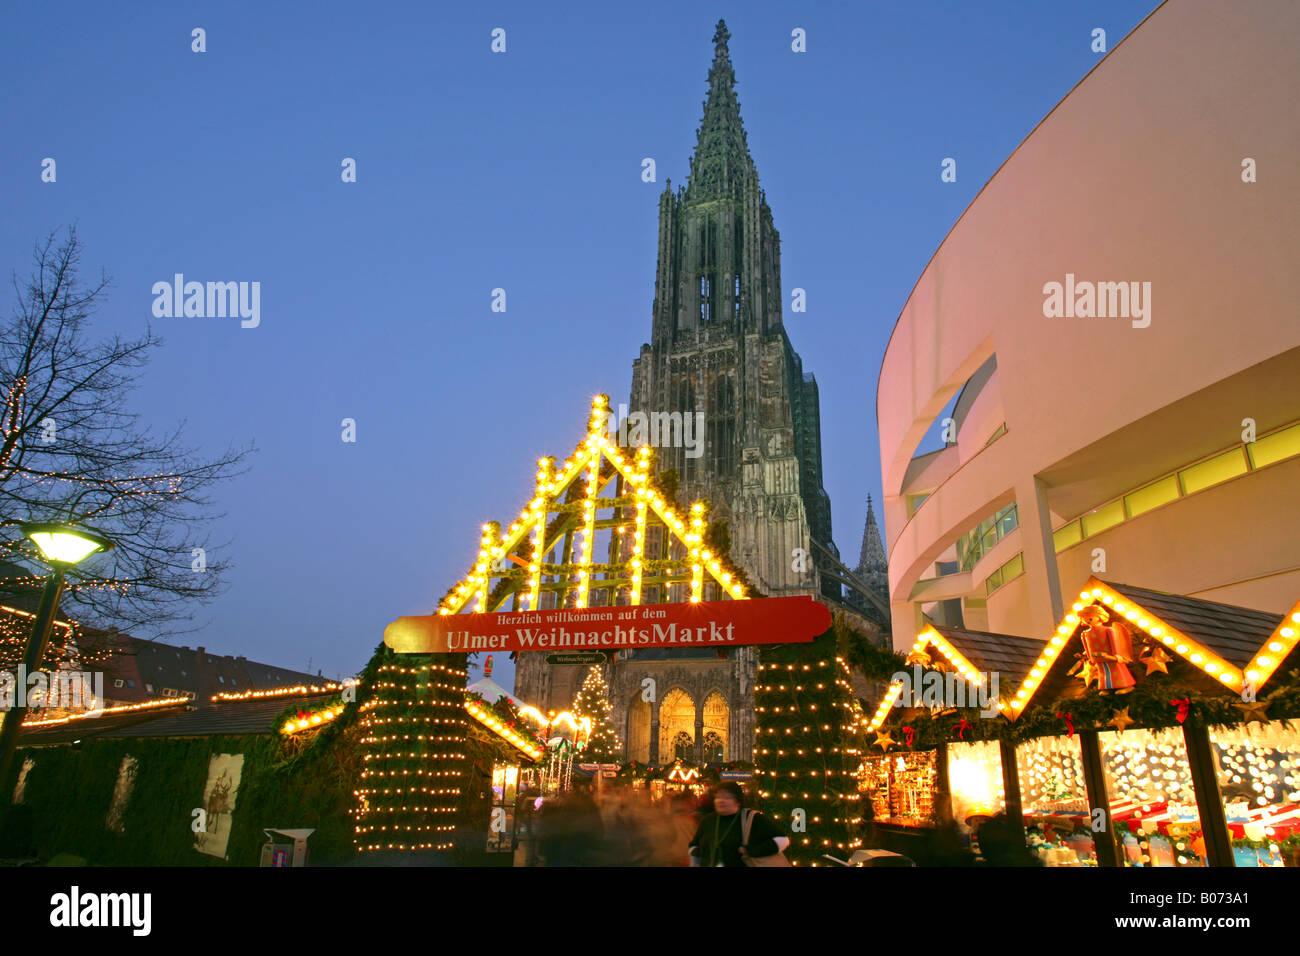 Ulm Weihnachtsmarkt.Weihnachtsmarkt Christmas Market In Ulm Stock Photo 17366665 Alamy